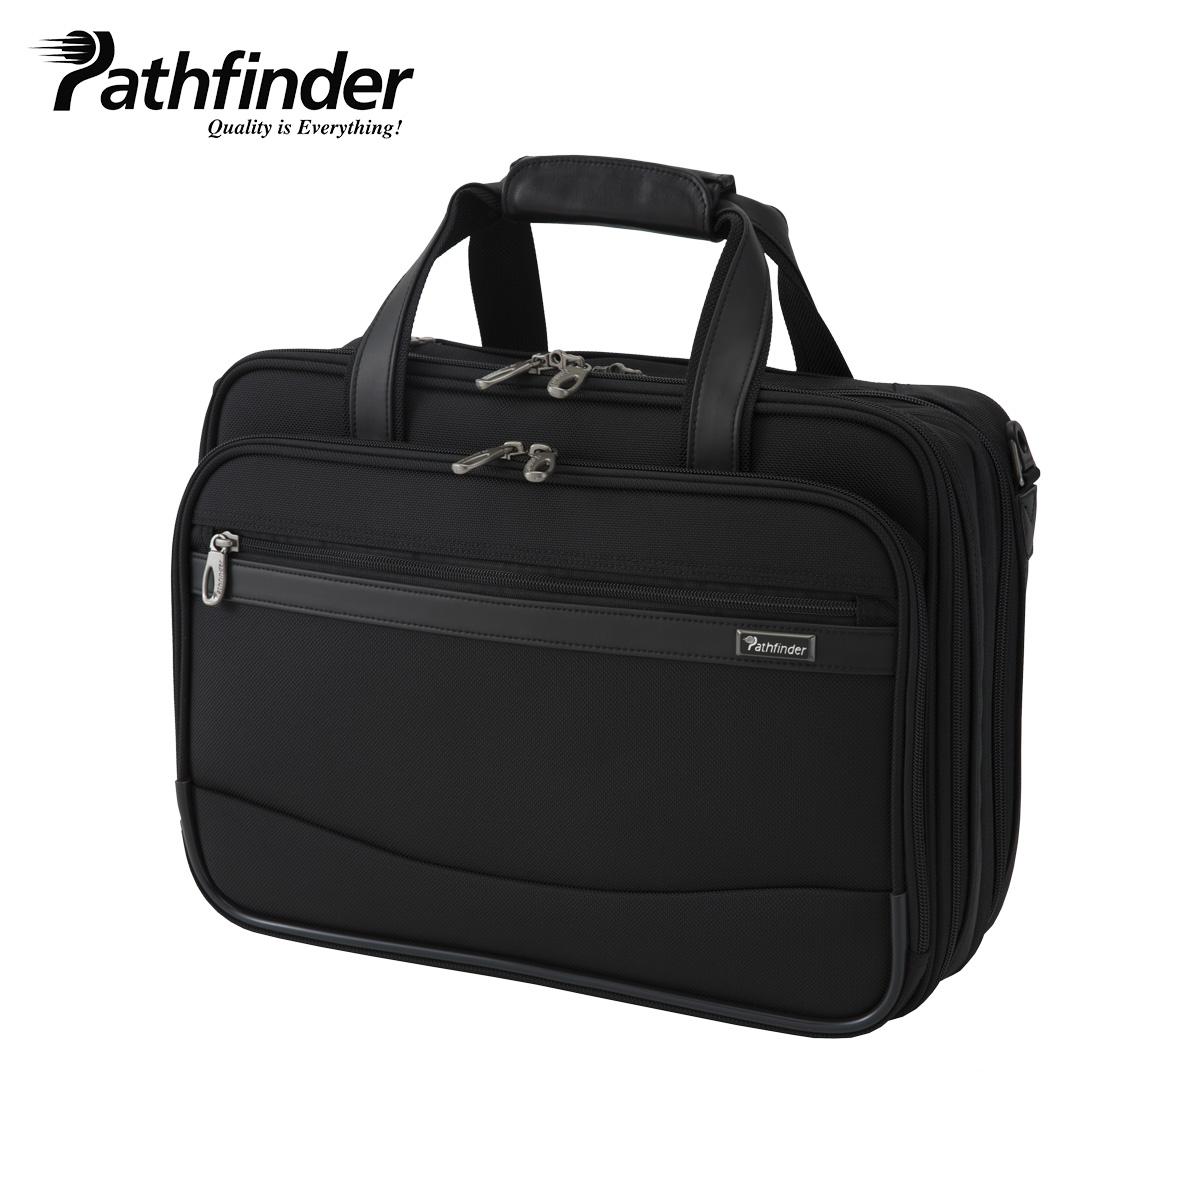 Pathfinder パスファインダー バッグ ビジネスバッグ ブリーフケース ショルダー メンズ REVOLUTION XT ブラック 黒 PF6805B